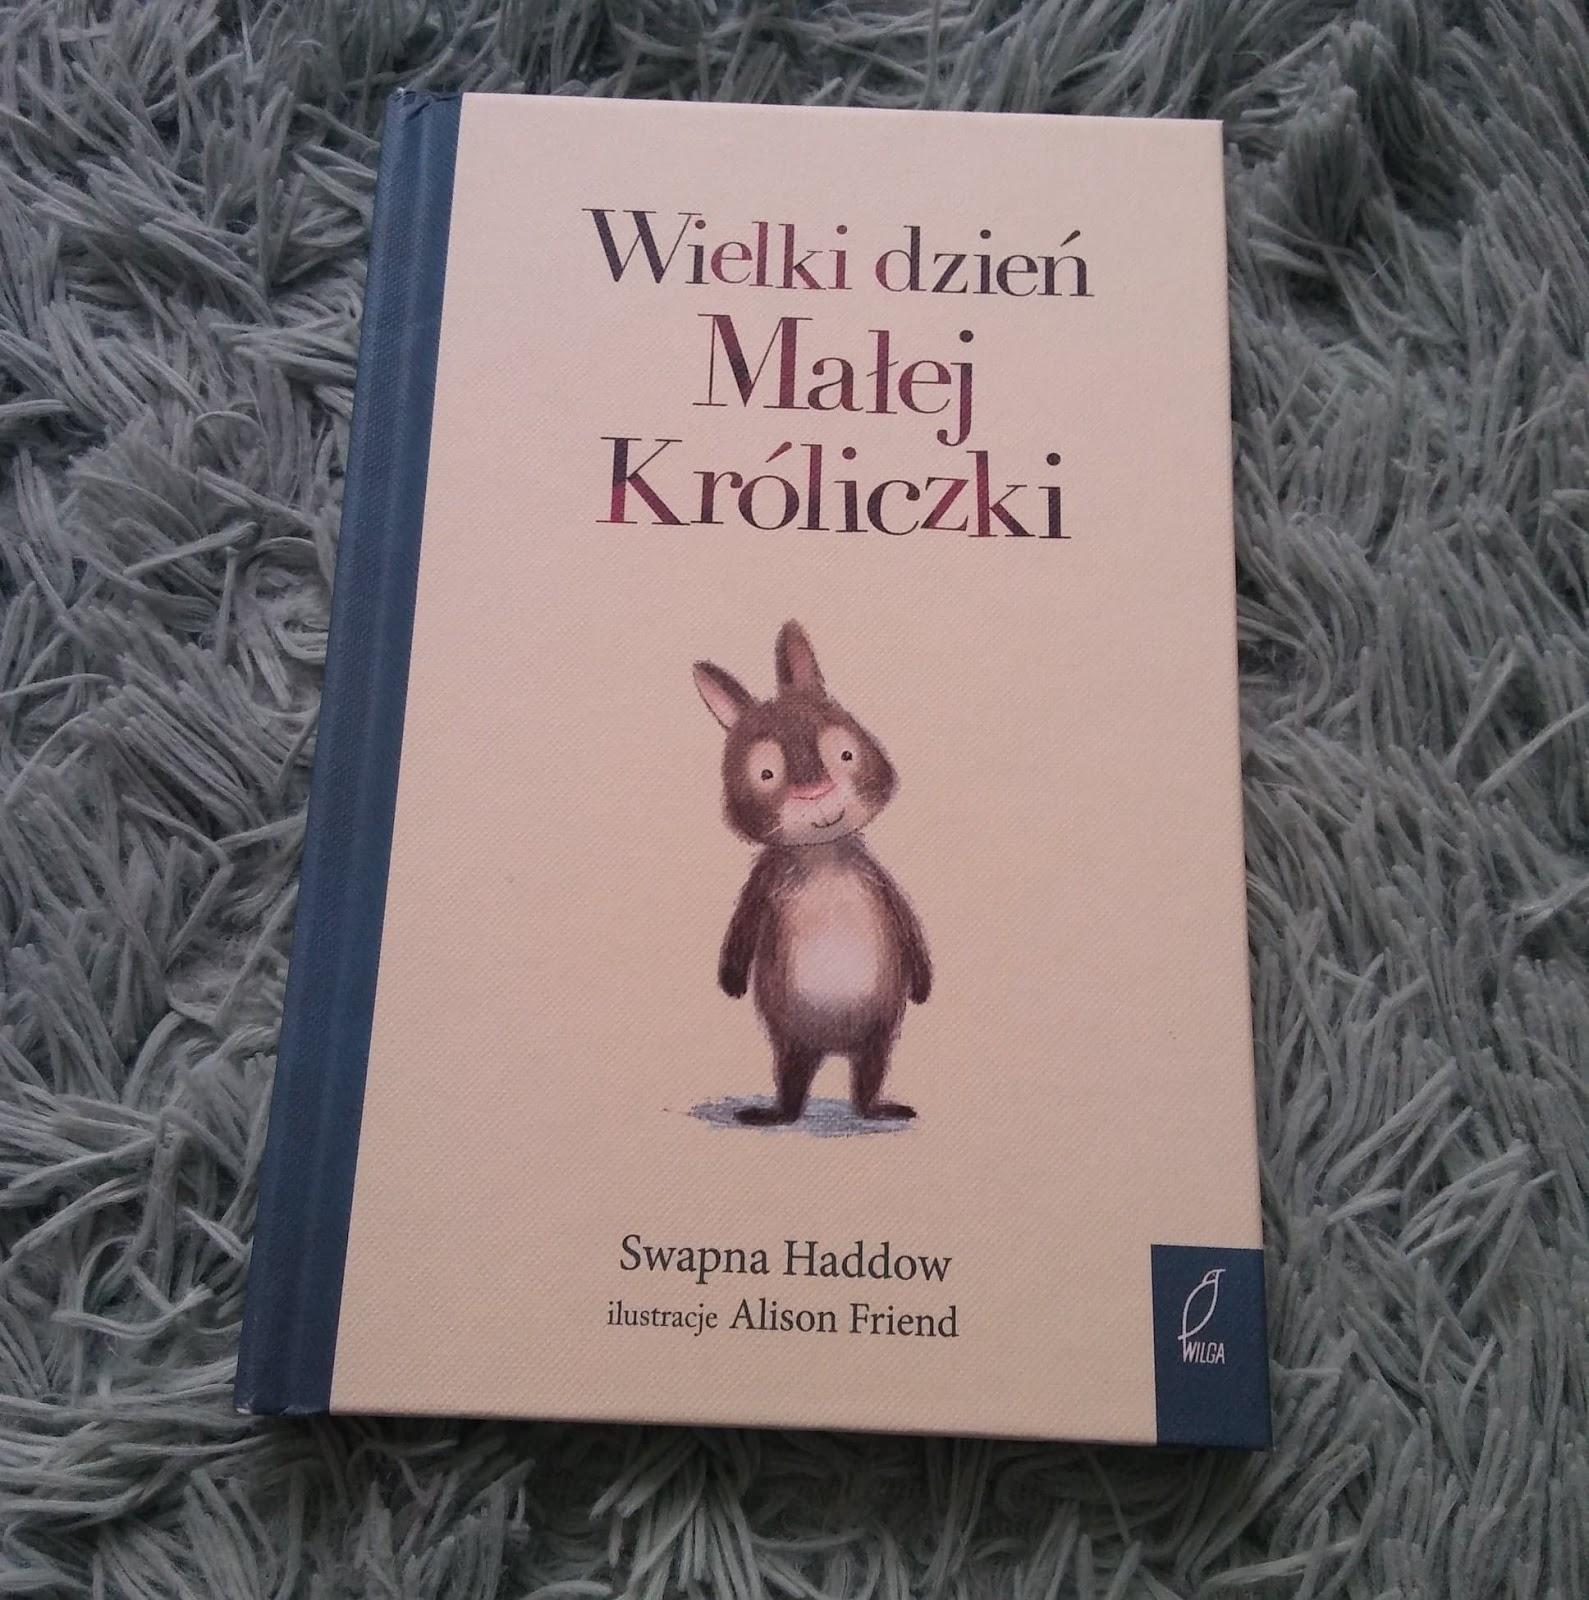 Wydawnictwo Wilga- Wielki dzień Małej Króliczki